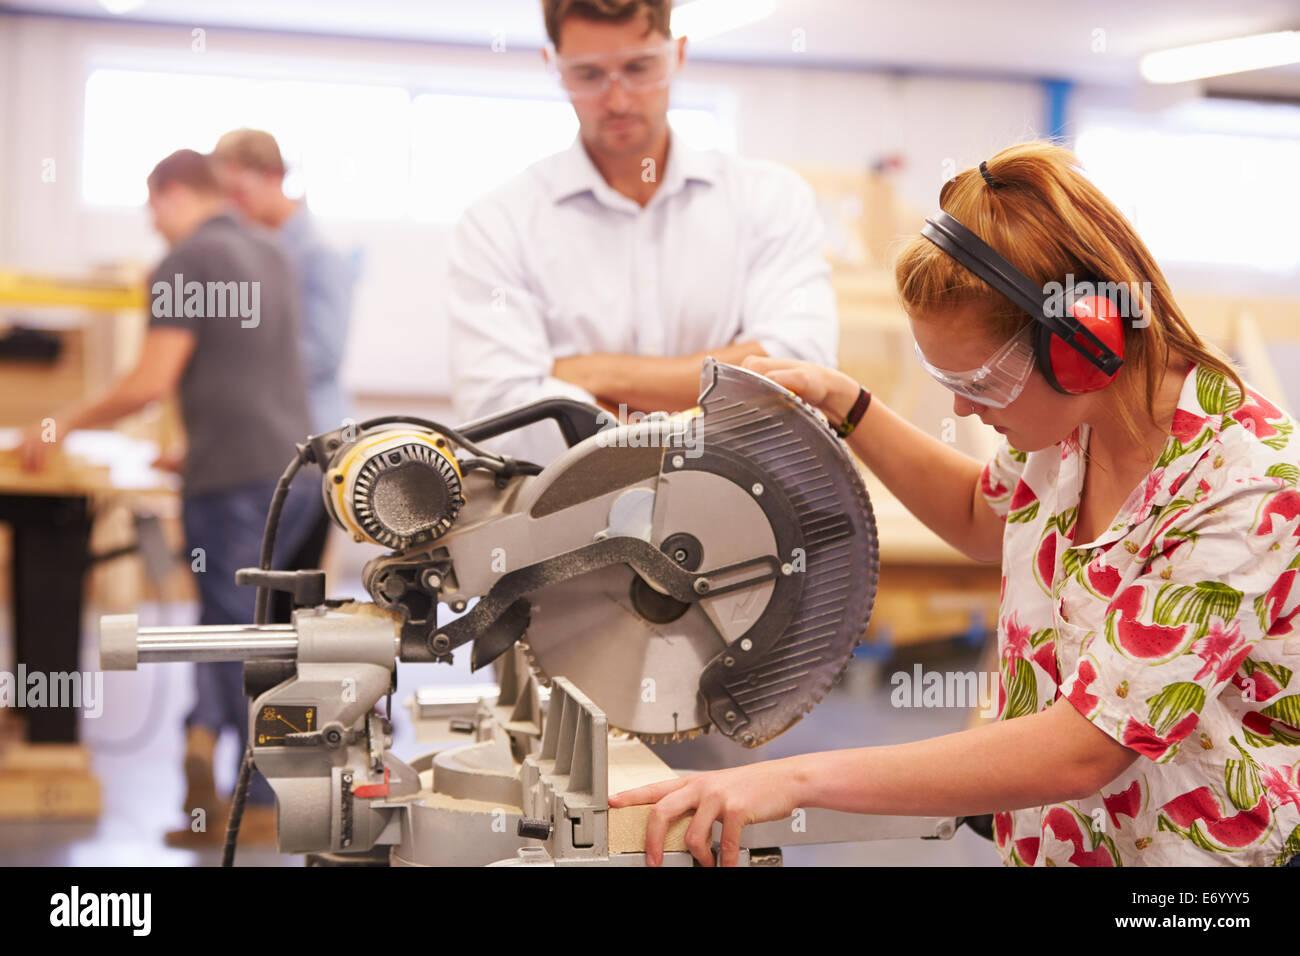 Studente e insegnante in falegnameria classe utilizzando una sega circolare Immagini Stock